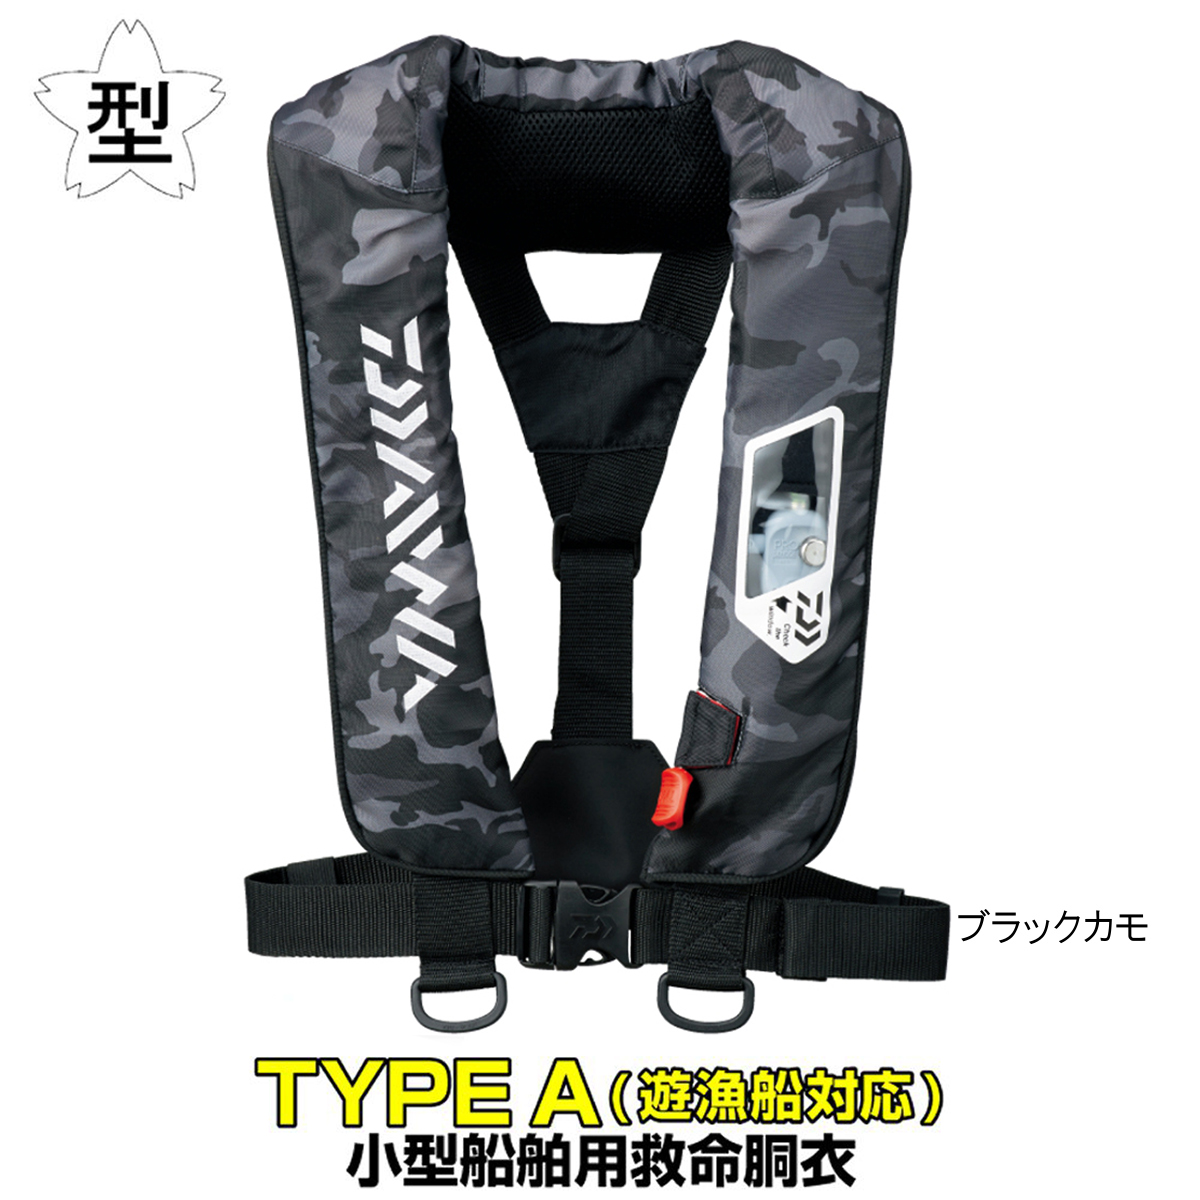 ダイワ ウォッシャブルライフジャケット(肩掛けタイプ手動・自動膨脹式) DF-2007 ブラックカモ ※遊漁船対応(東日本店)